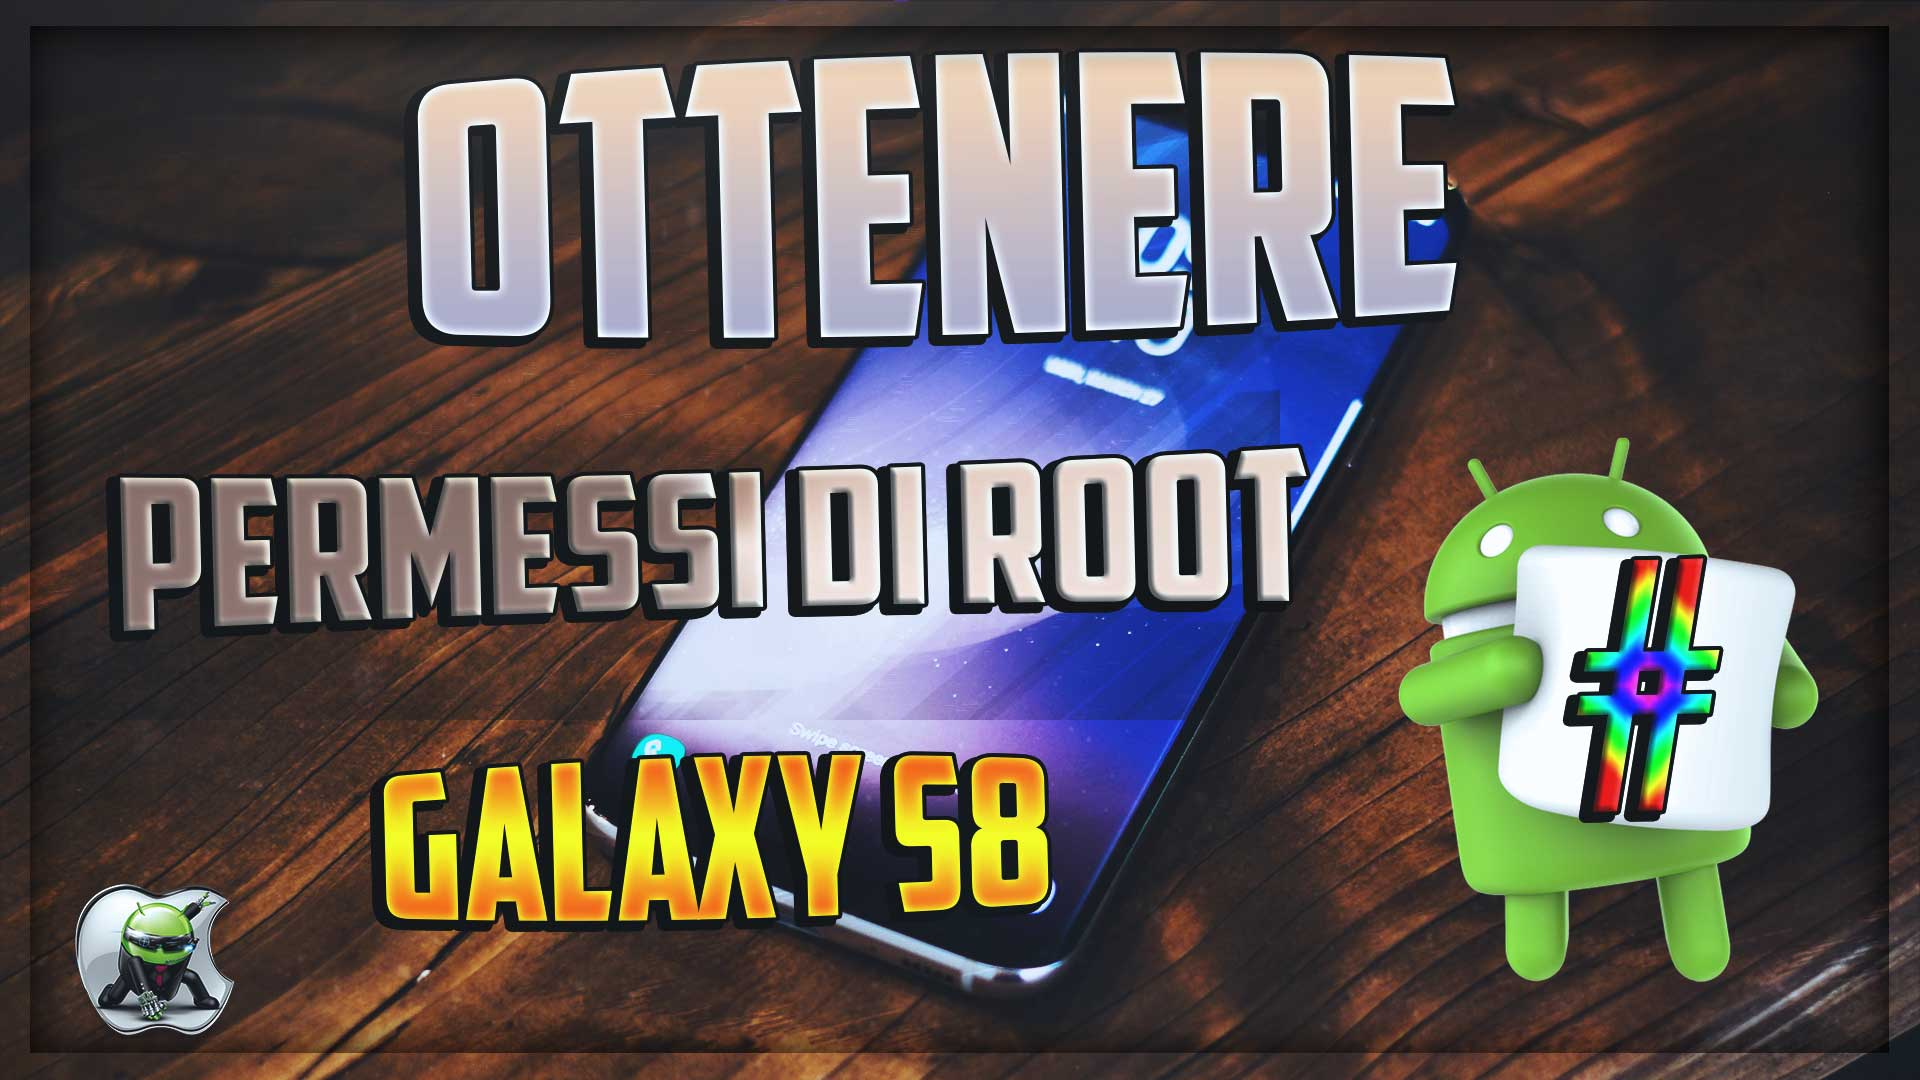 Ottenere i Permessi di root su Galaxy S8 con CF Auto Root